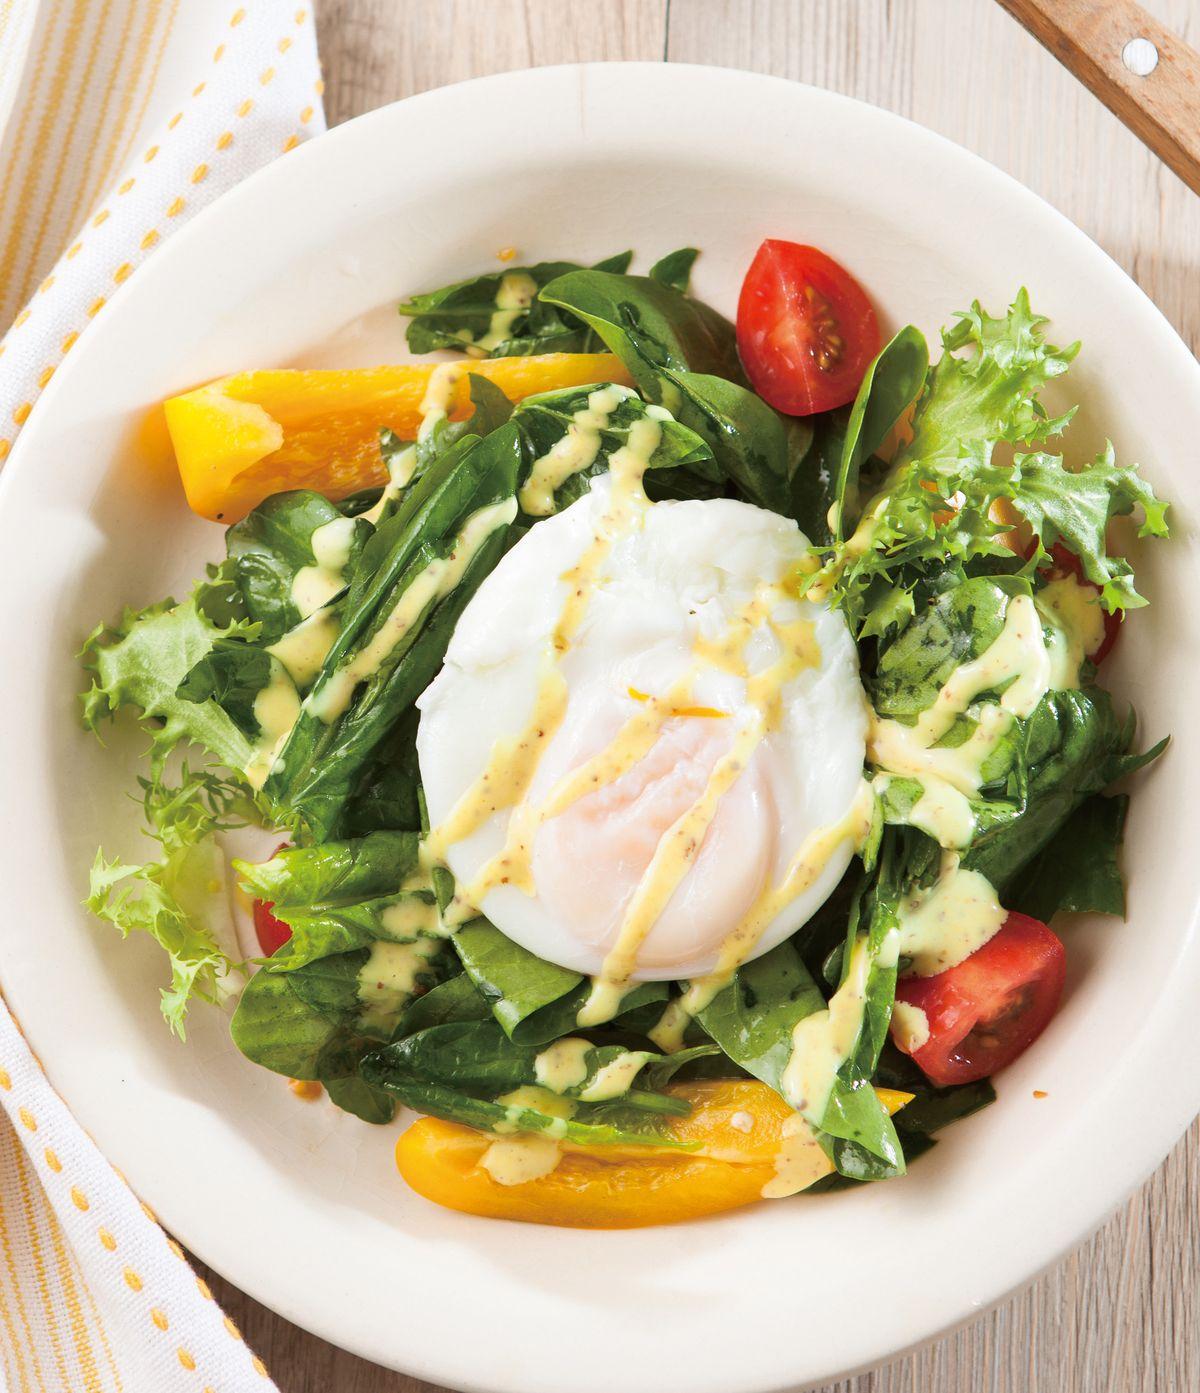 食譜:水波蛋菠菜沙拉